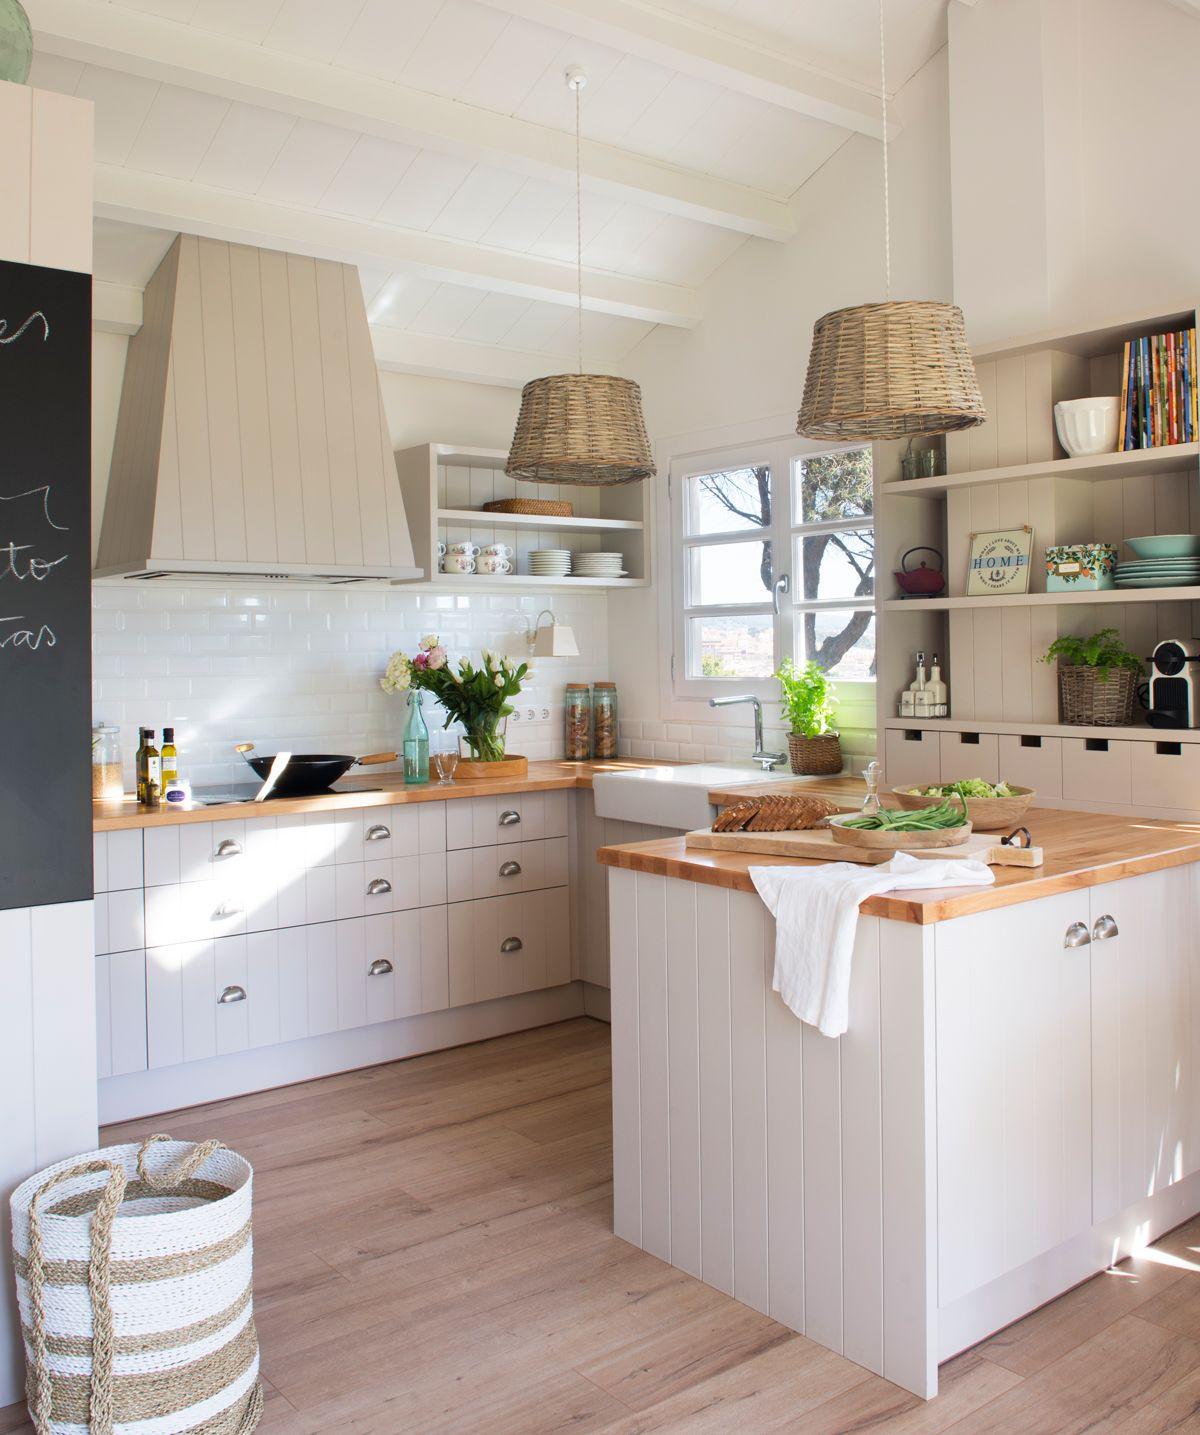 00458444 O. Cocina rústica en color crema con encimera de madera y ...